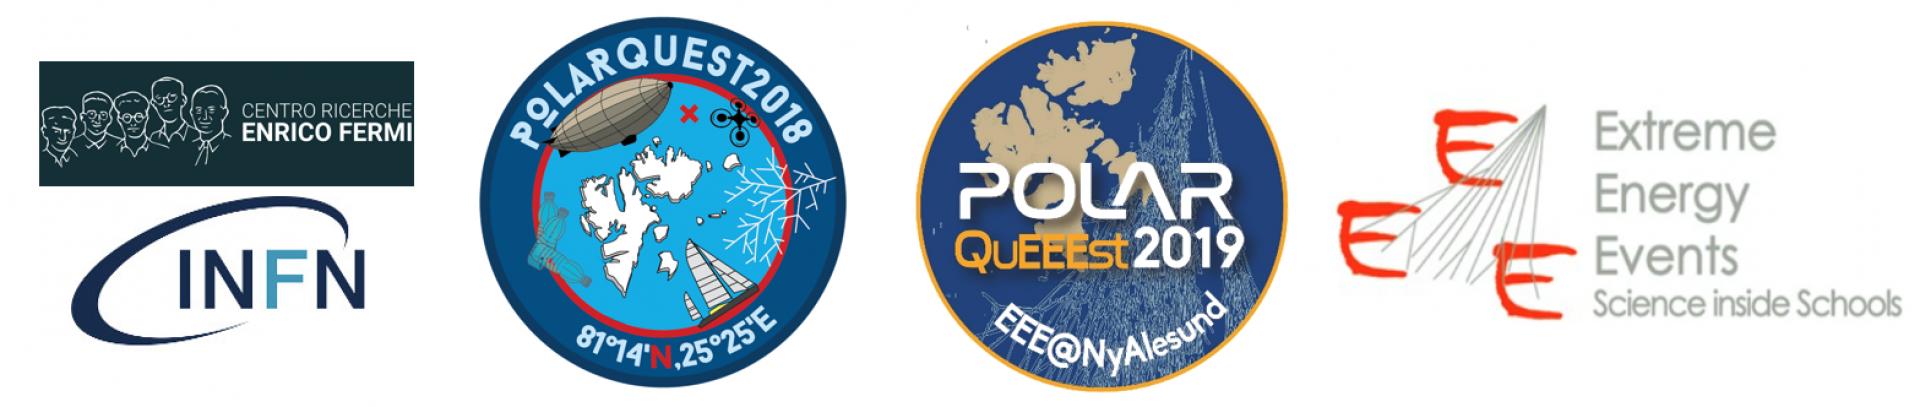 PolarquEEEst: misura dei raggi cosmici al Polo Nord -